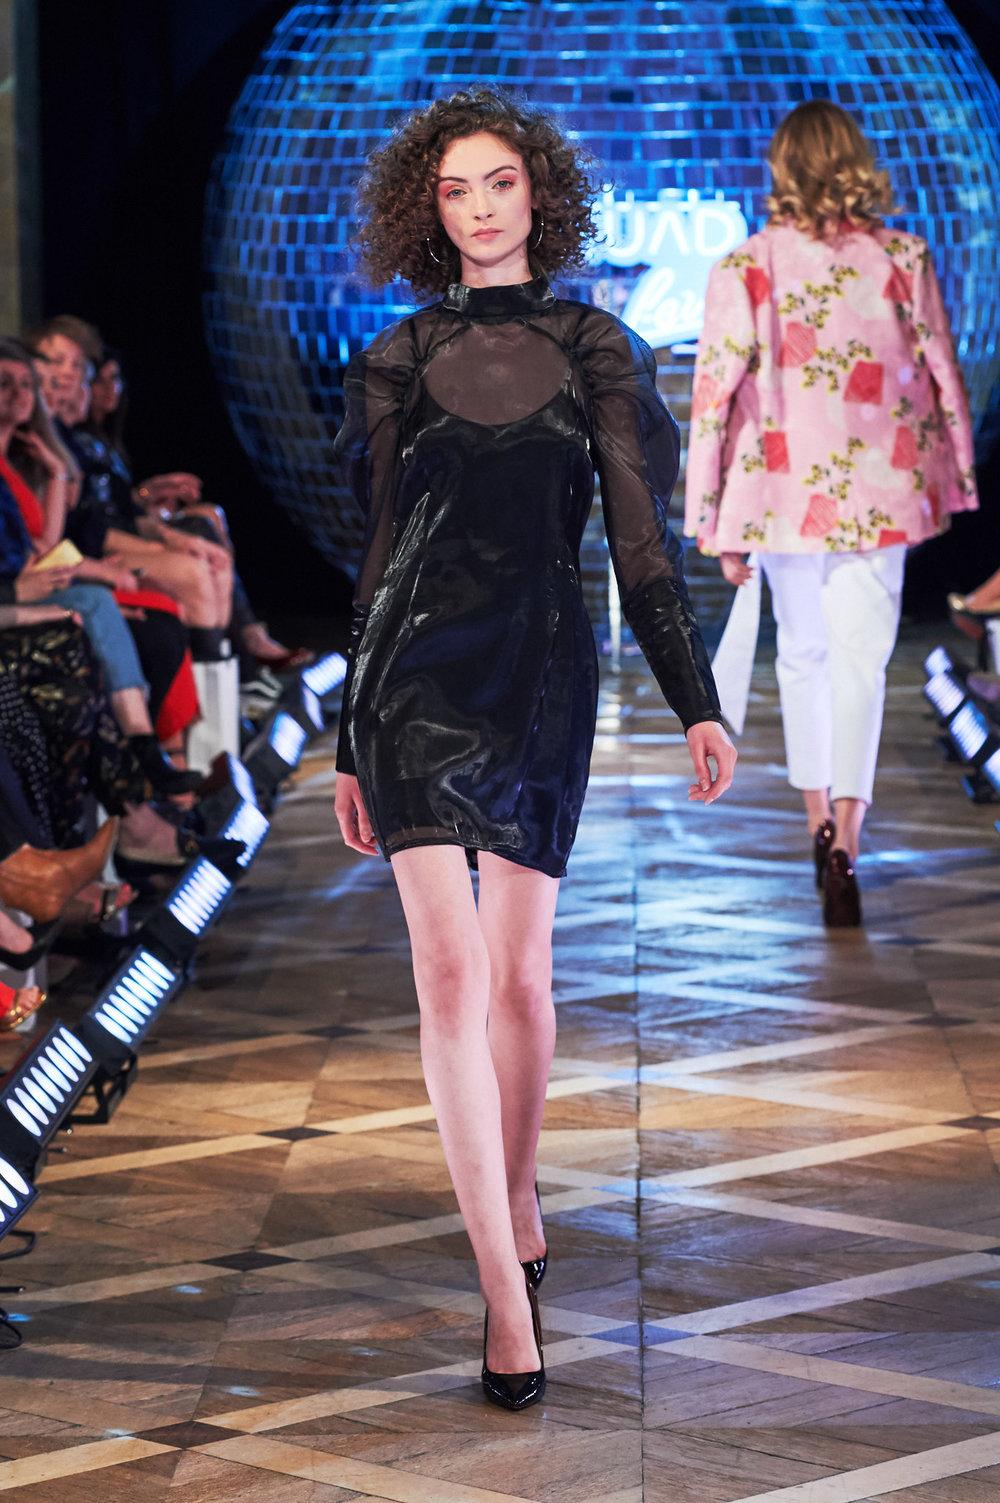 36_ZAQUAD_090519_lowres-fotFilipOkopny-FashionImages.jpg